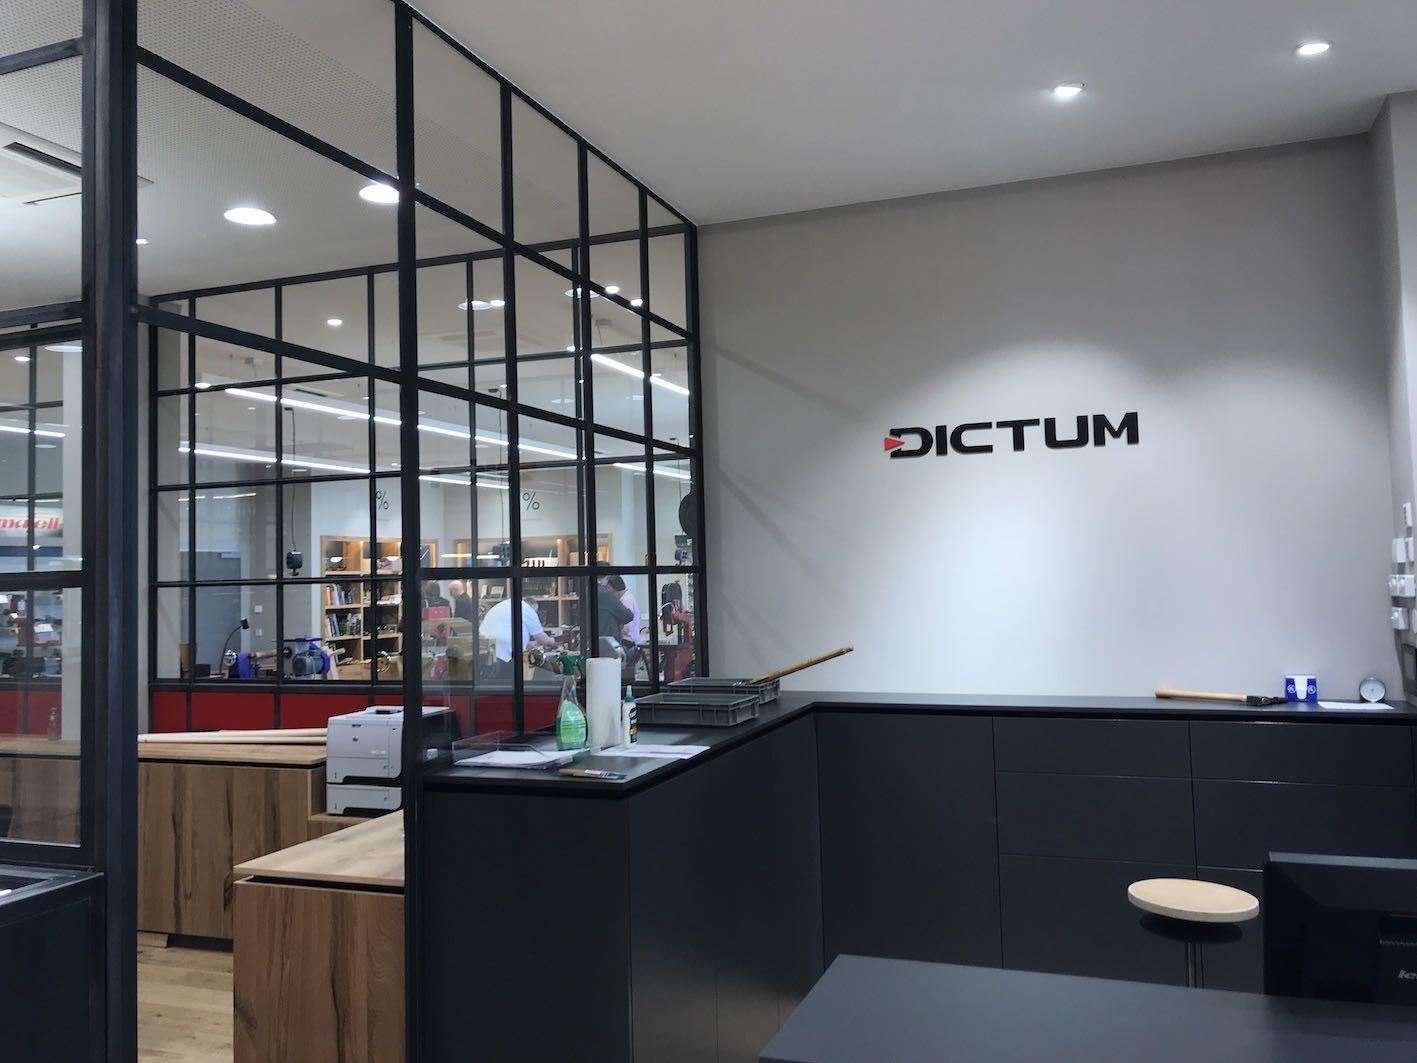 Dictum Shop Plattling Einzelbuchstaben Innenraum 2